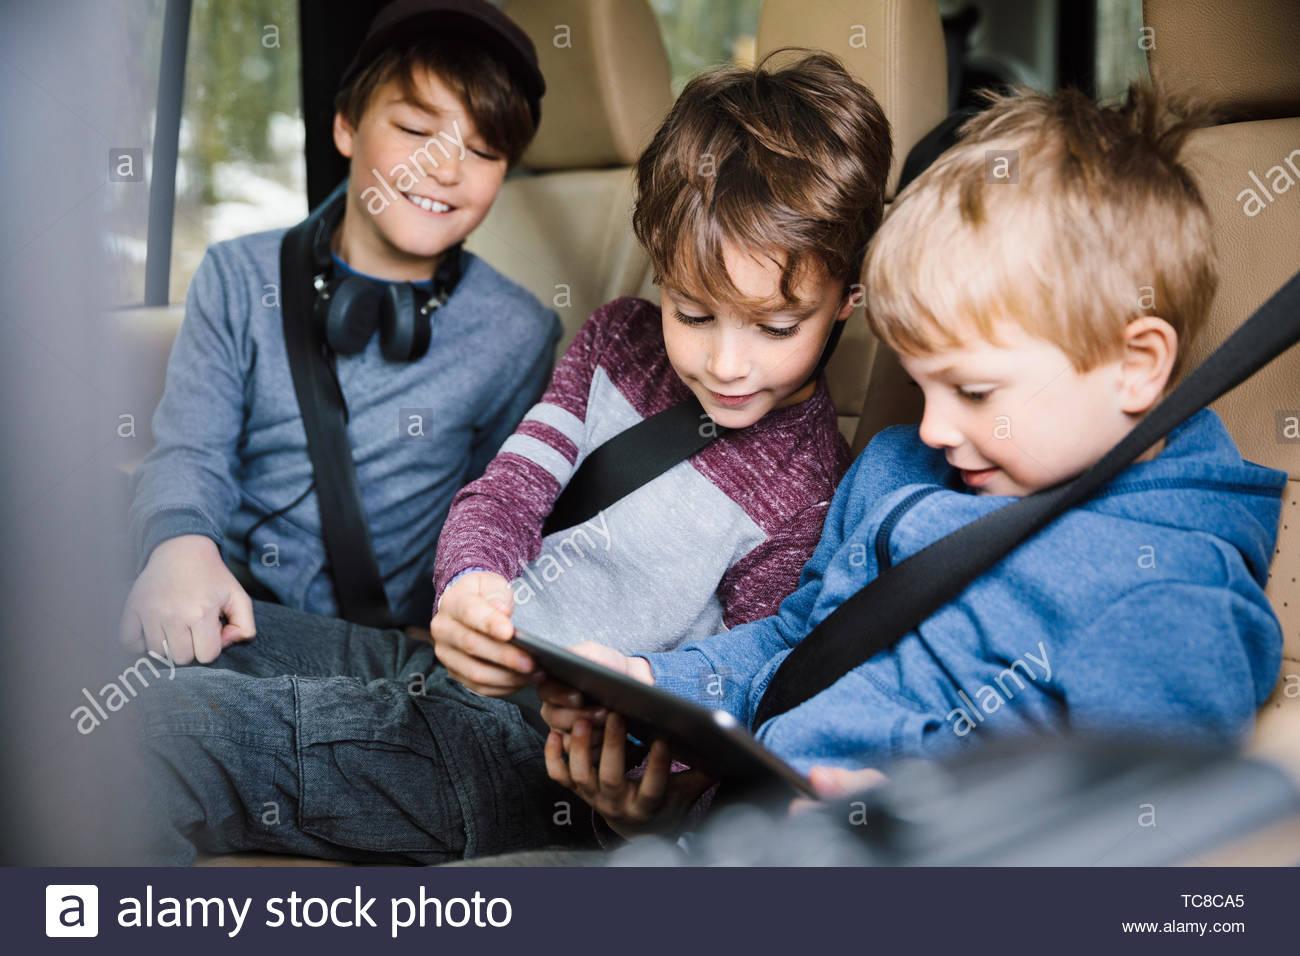 Fratelli con tavoletta digitale nel sedile posteriore della macchina Immagini Stock